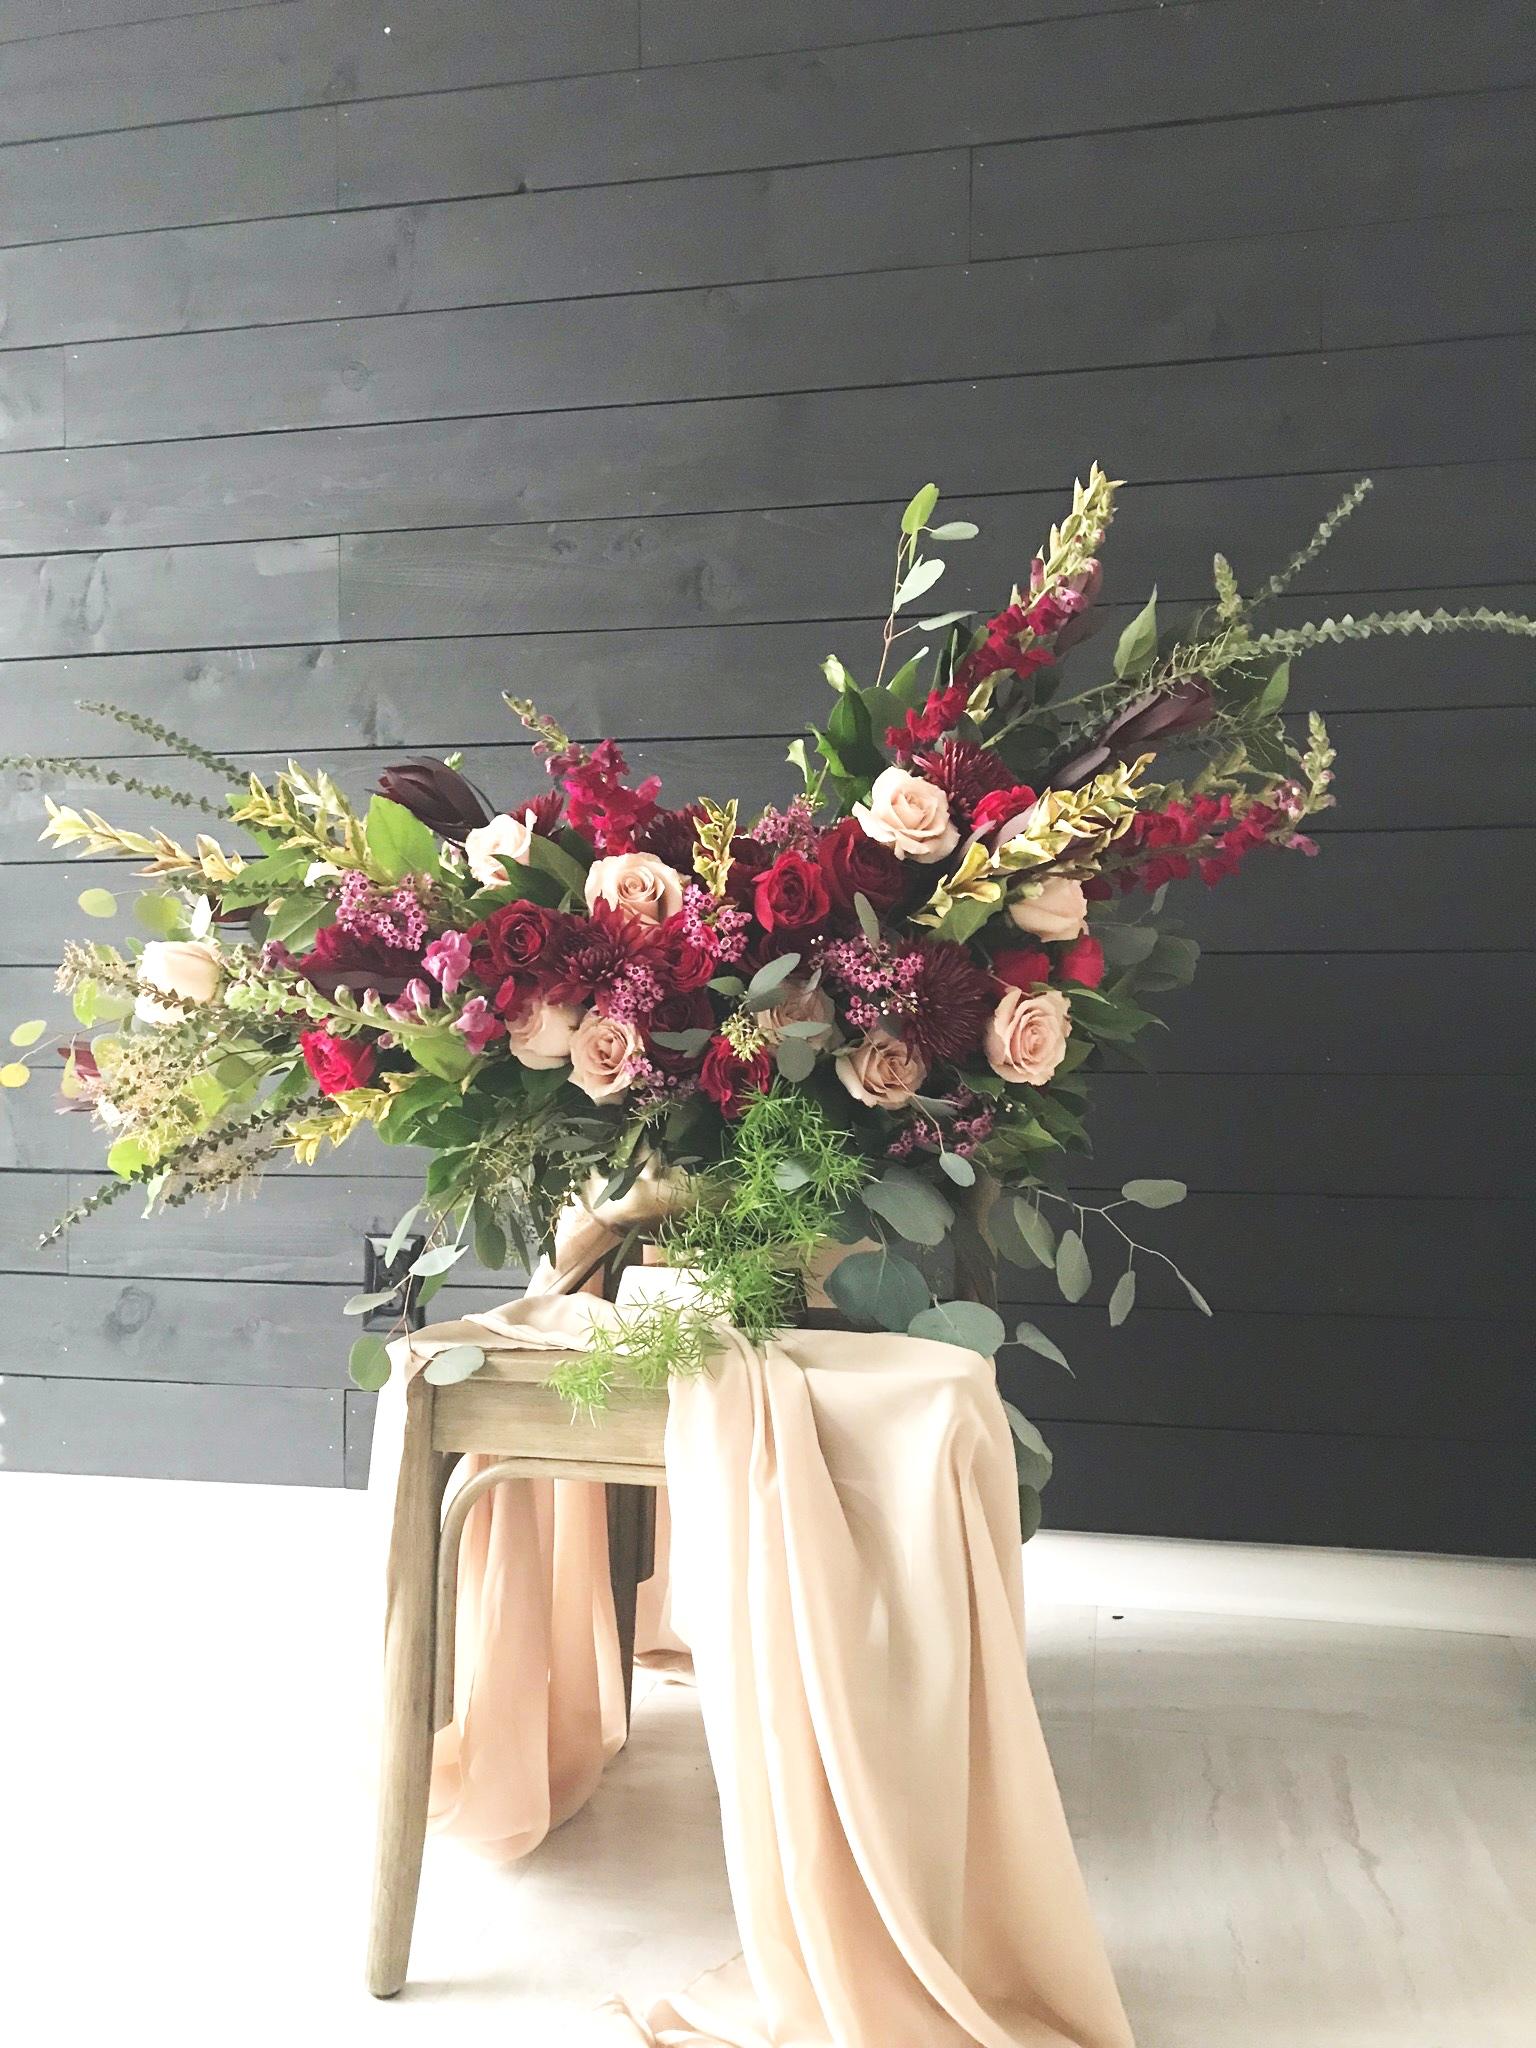 heart+%2B+soul+floral+design+studio+kc+florist+kc+flowers+kc+wedding+flowers+kc+floral+design